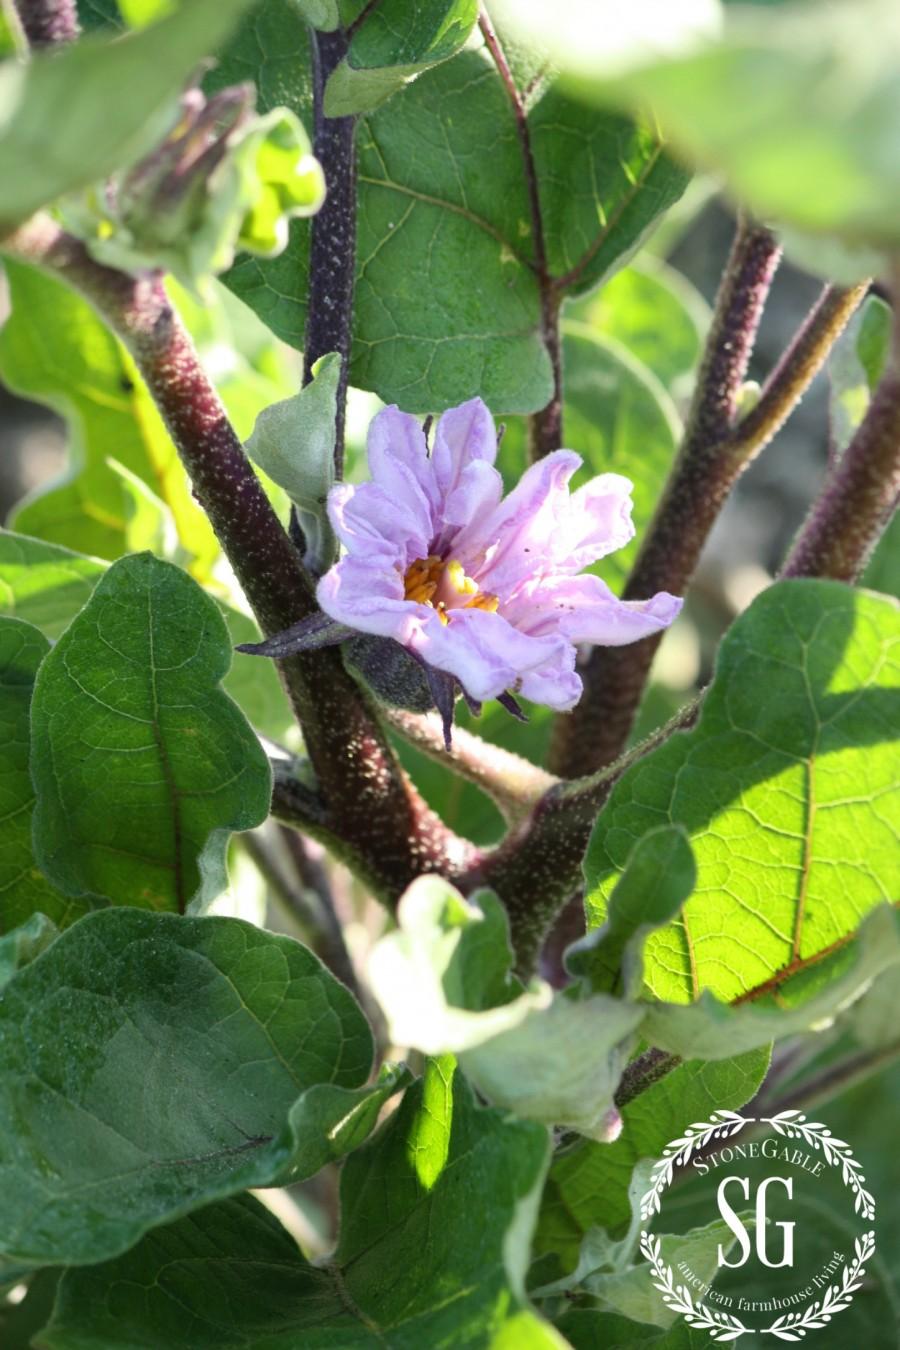 VEGETABLE GARDEN-eggplants-stonegableblog.com